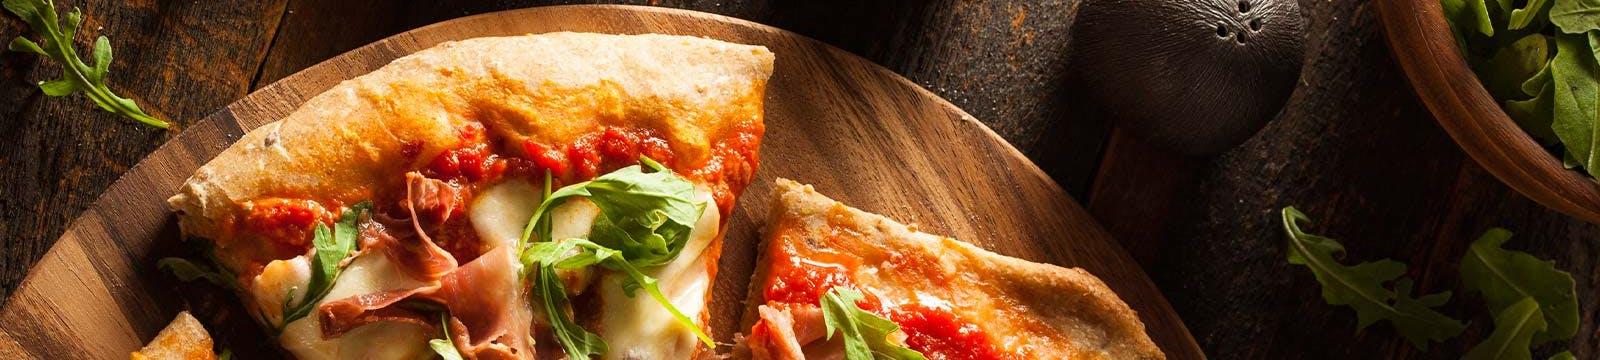 Pizzeria lokalna dla dużych <br>i małych!<br>